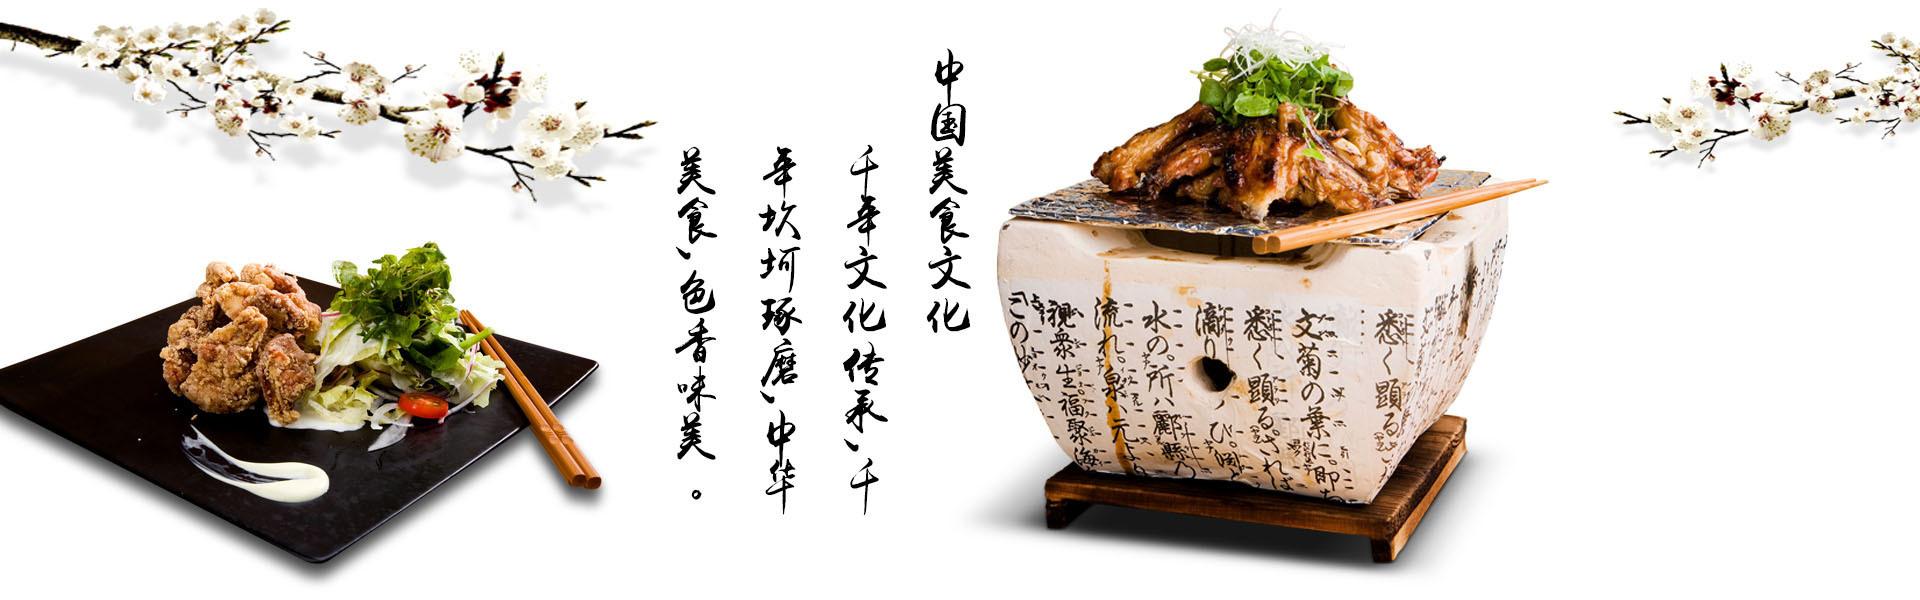 武汉食堂承包专业公司